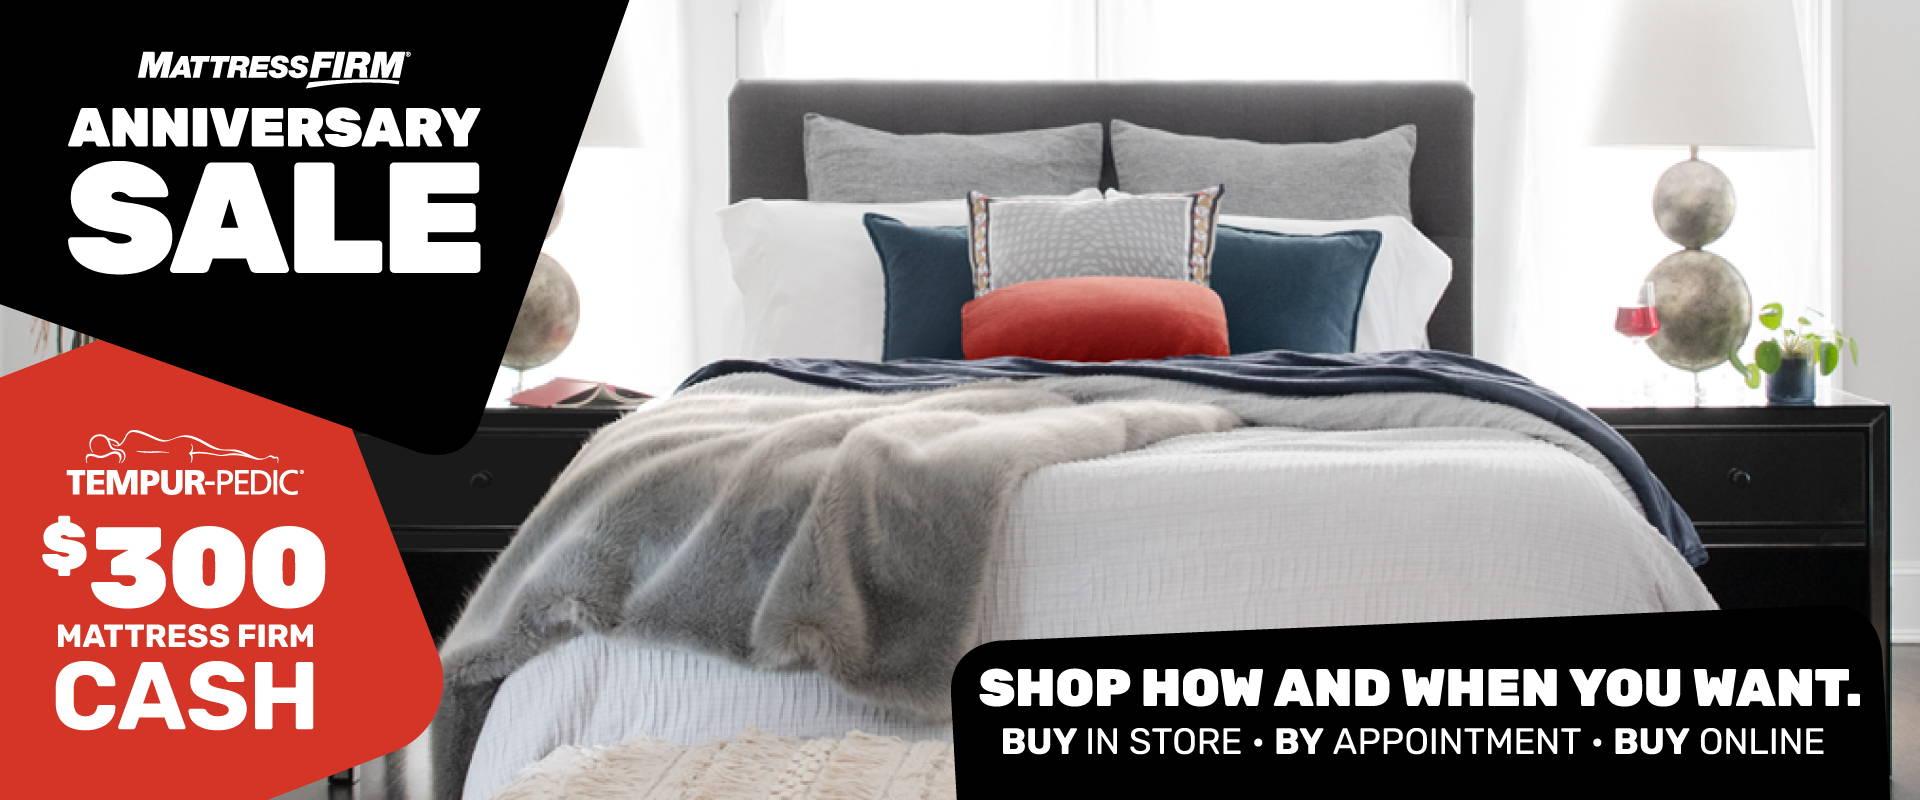 Mattress Firm Anniversary Sale Montana